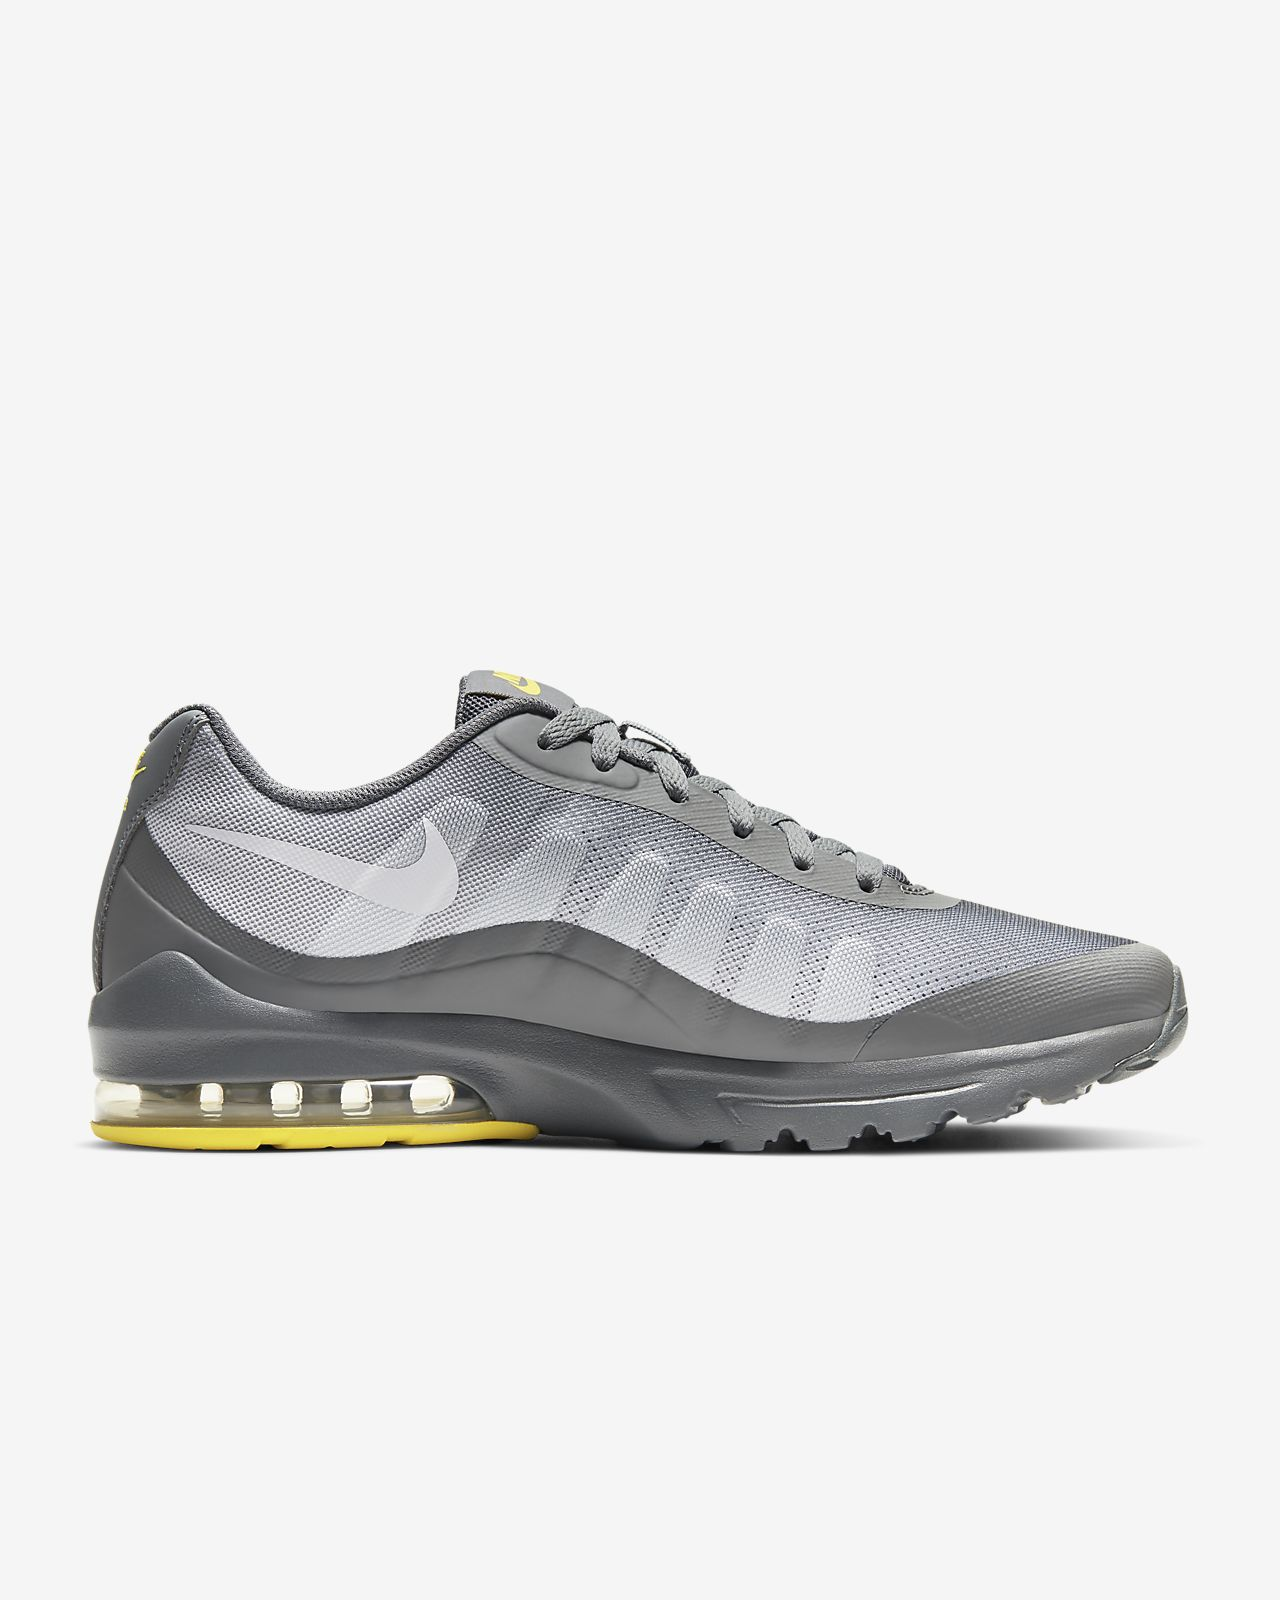 Men's Nike Air Max Invigor Shoe |